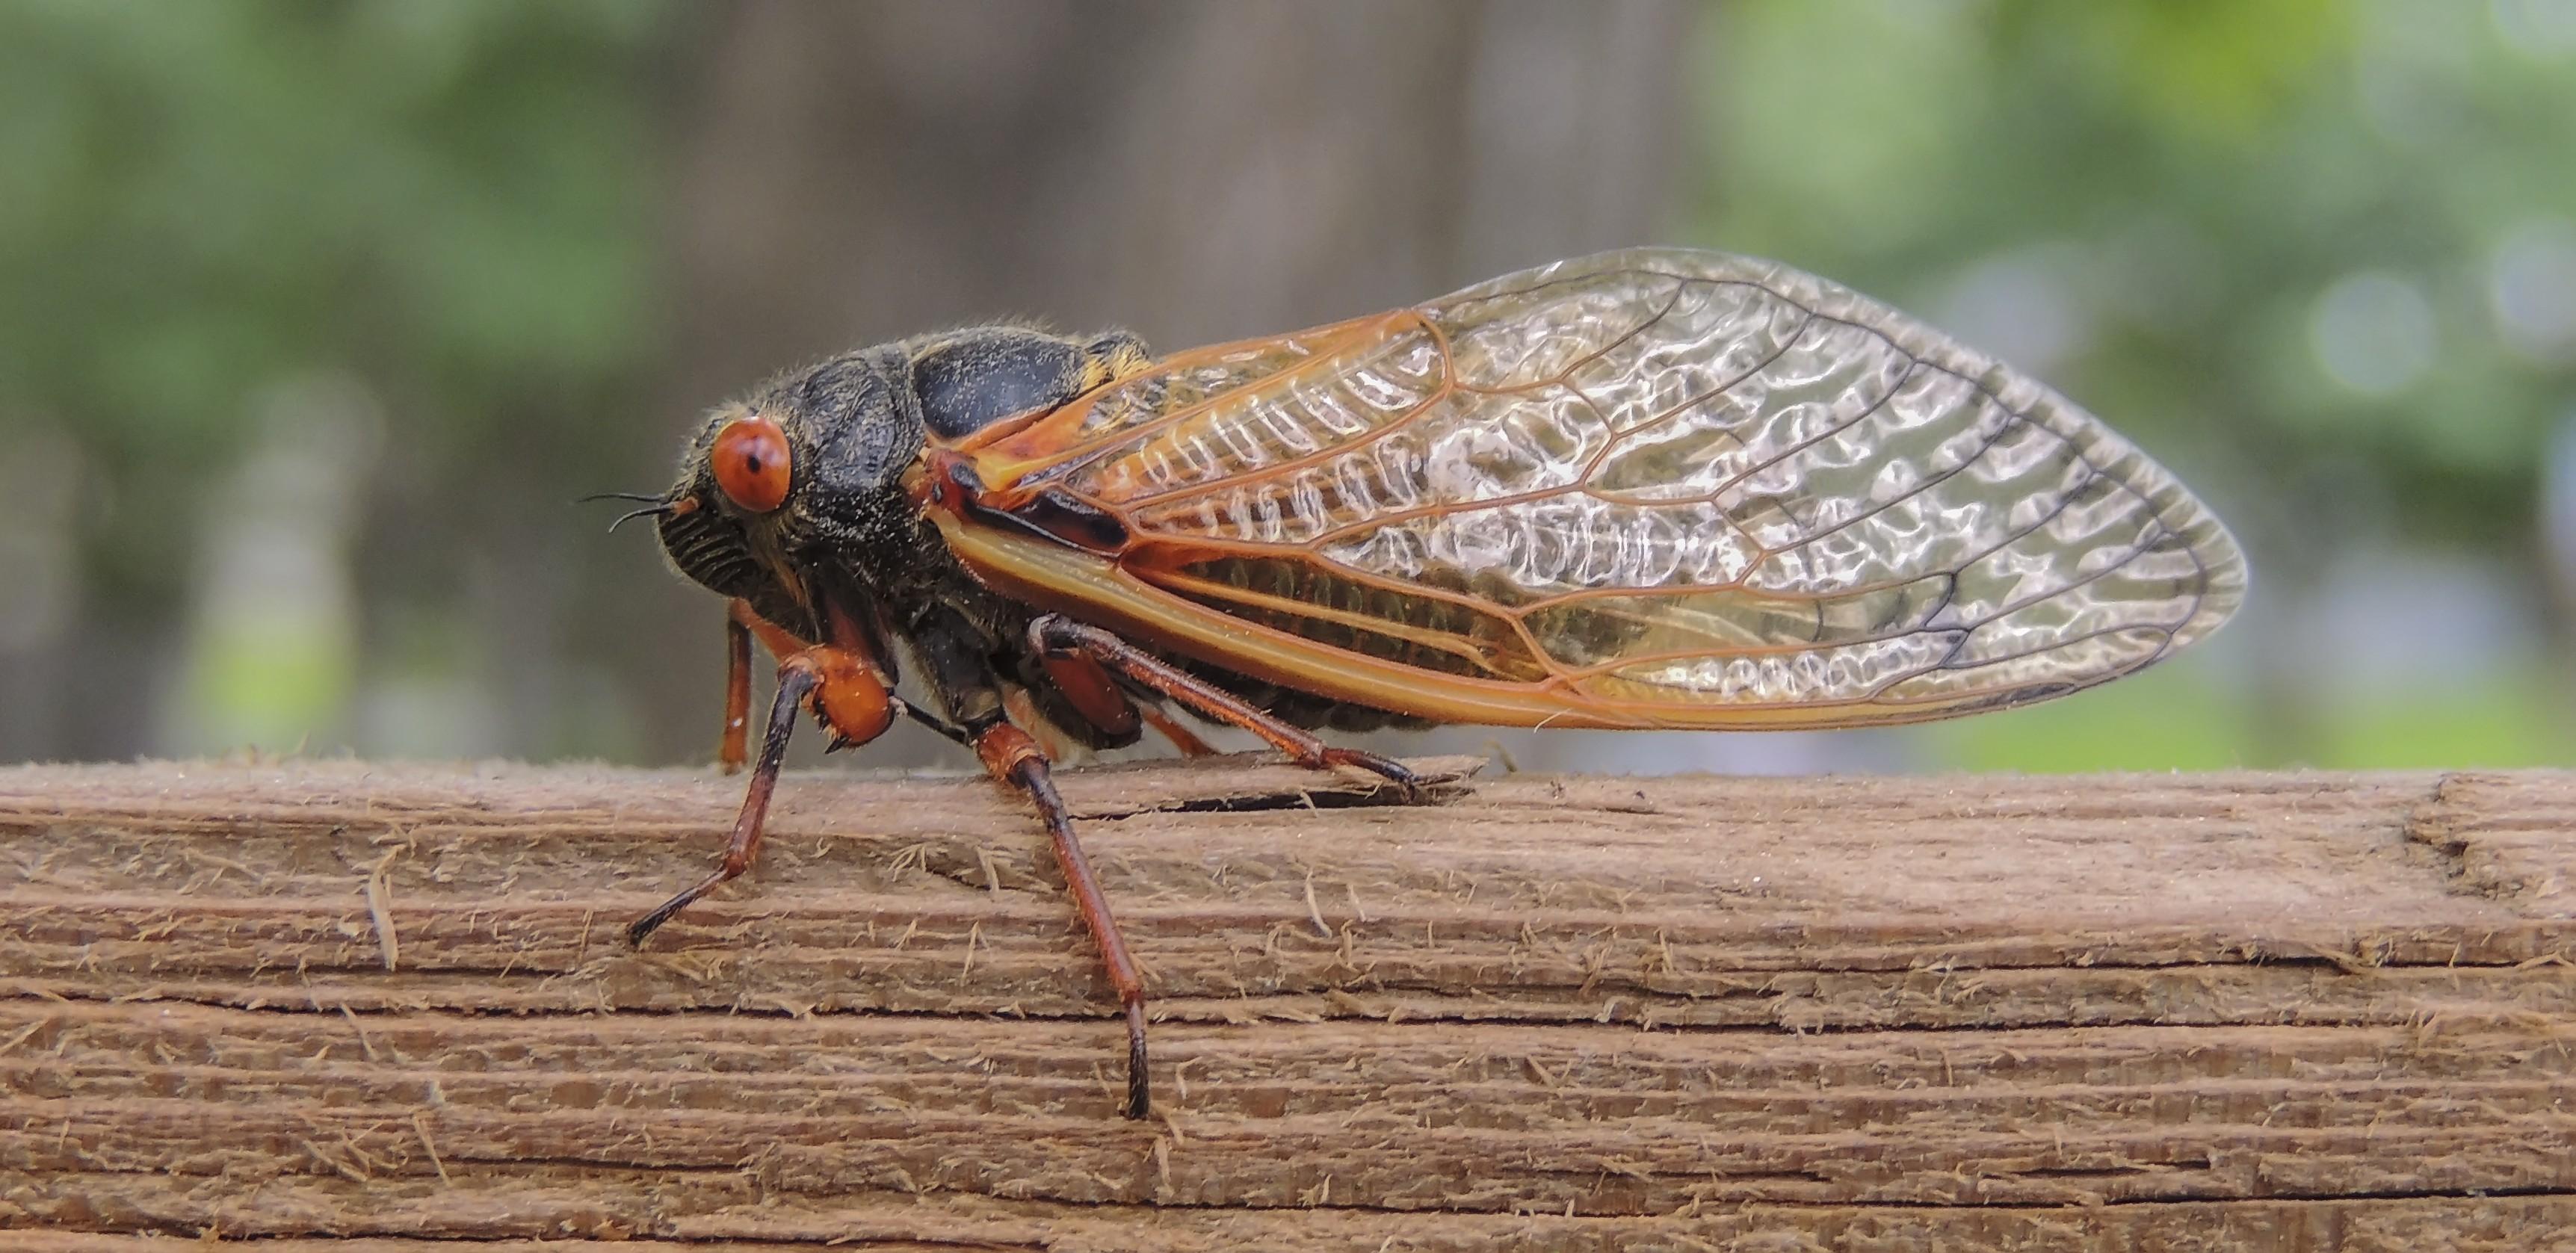 cassini periodical cicadas - photo #8